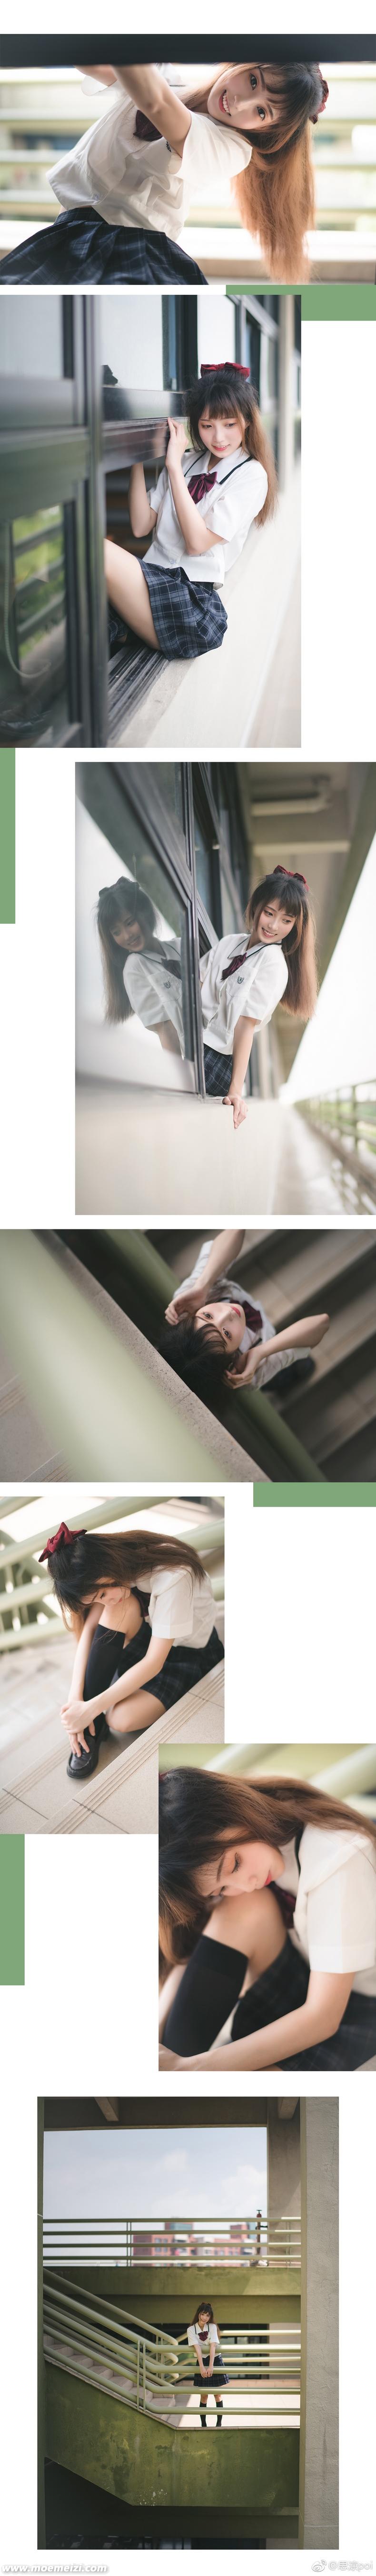 清纯的夏日JK制服少女@思涼poi 美女写真-第9张